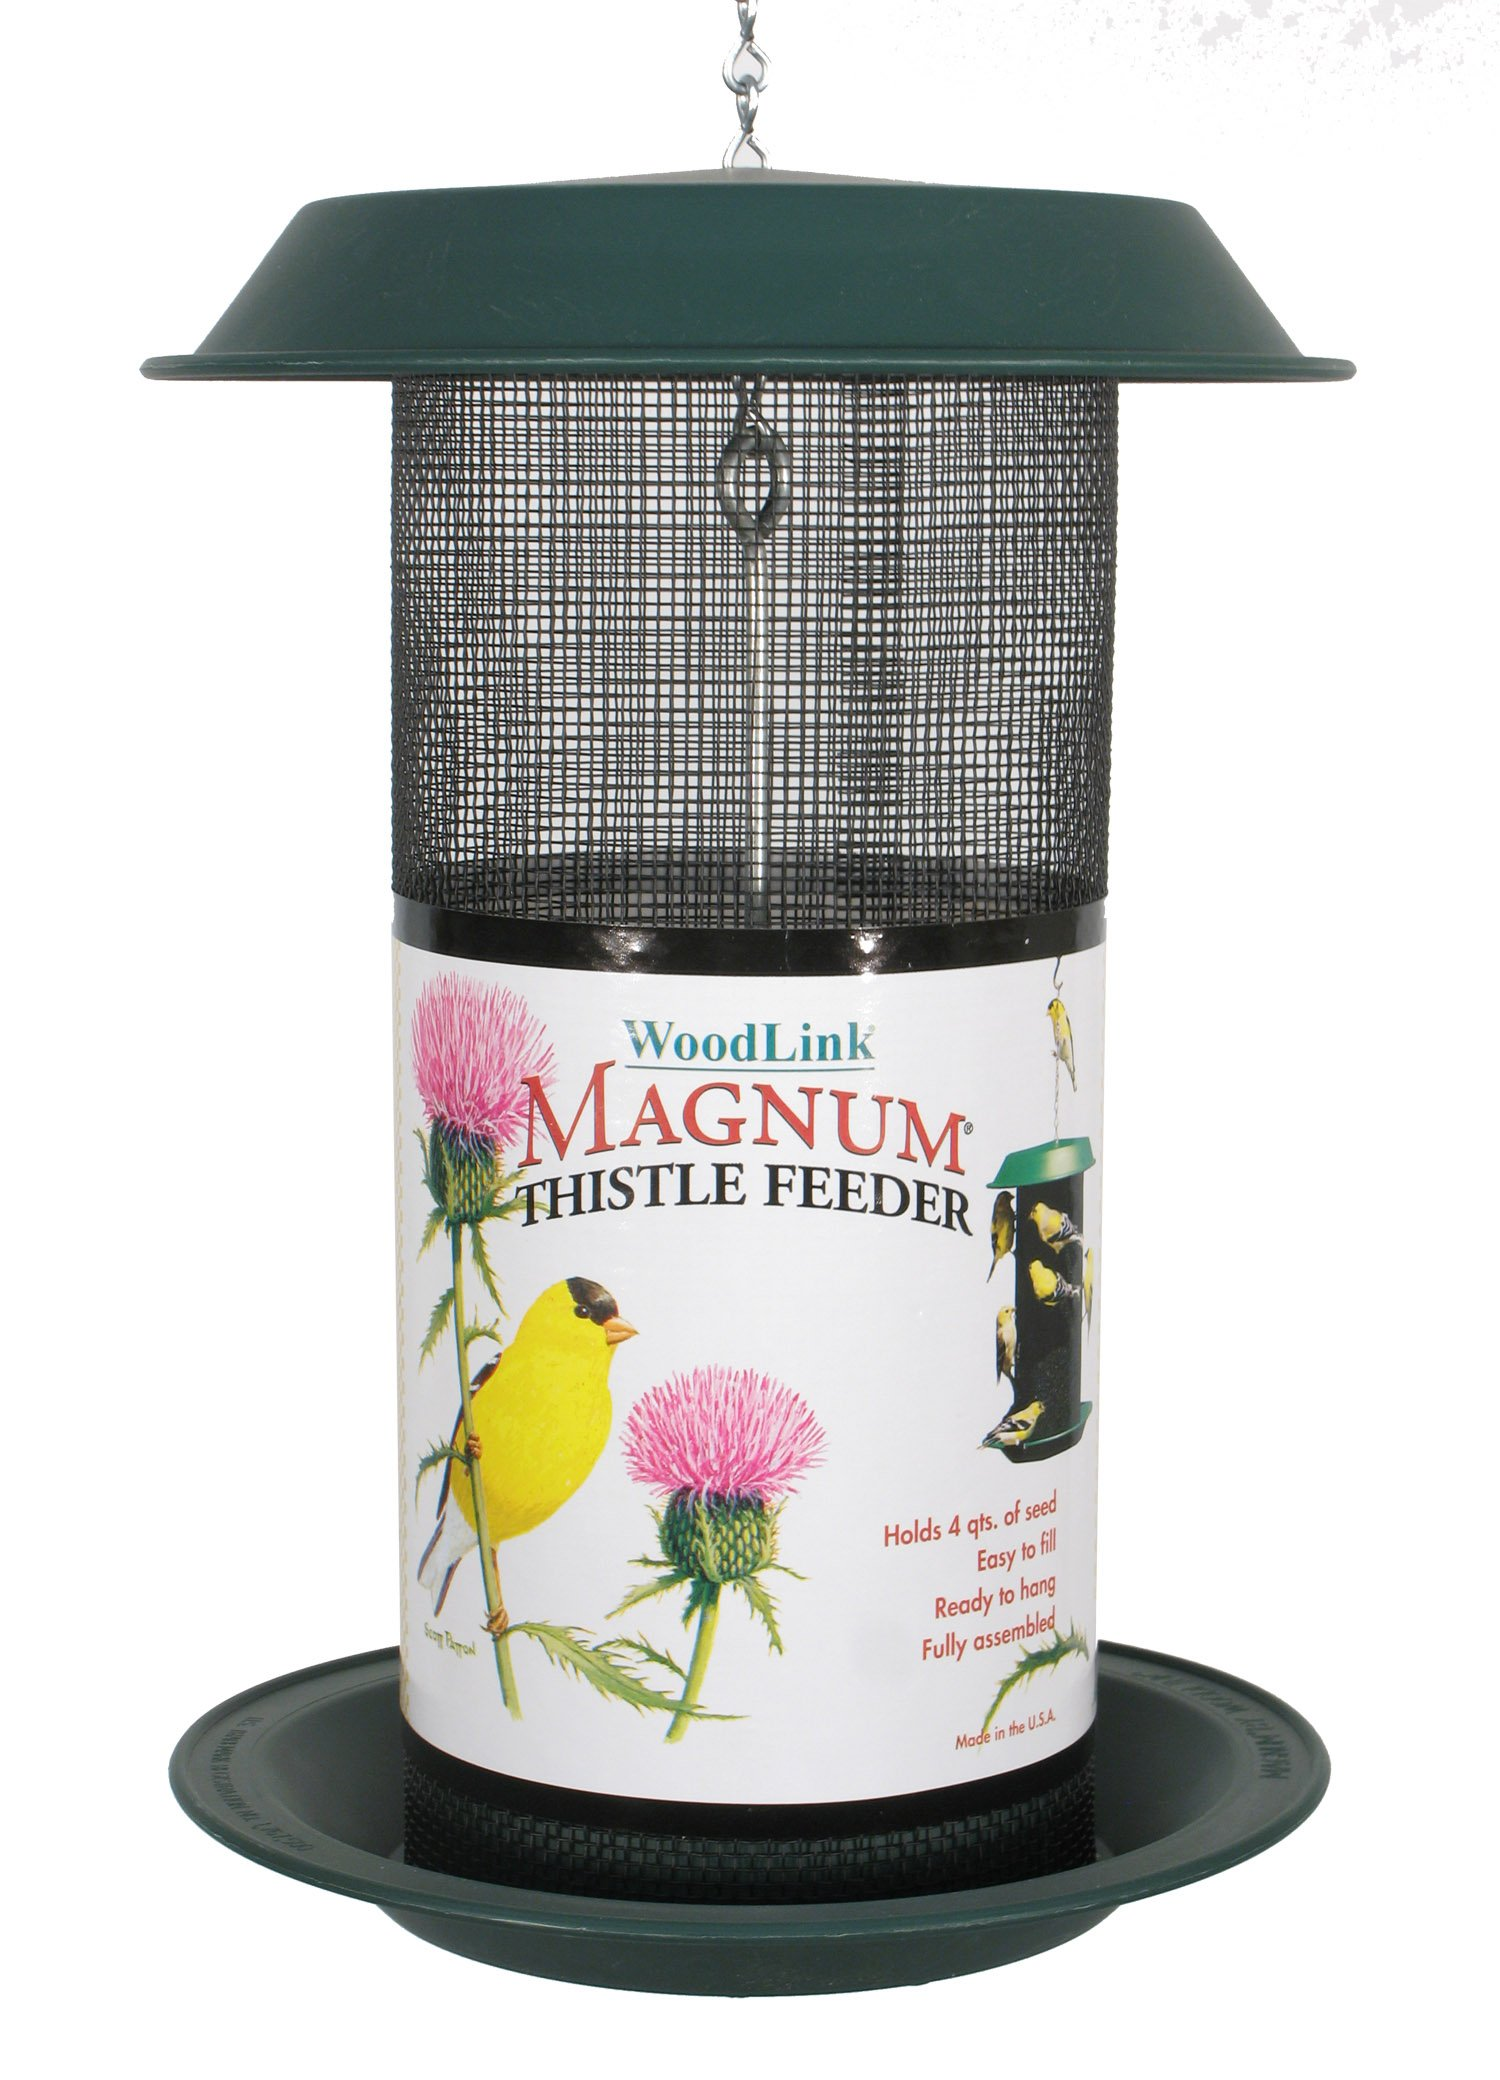 Woodlink Magnum Thistle Feeder Model MAG2 by Woodlink